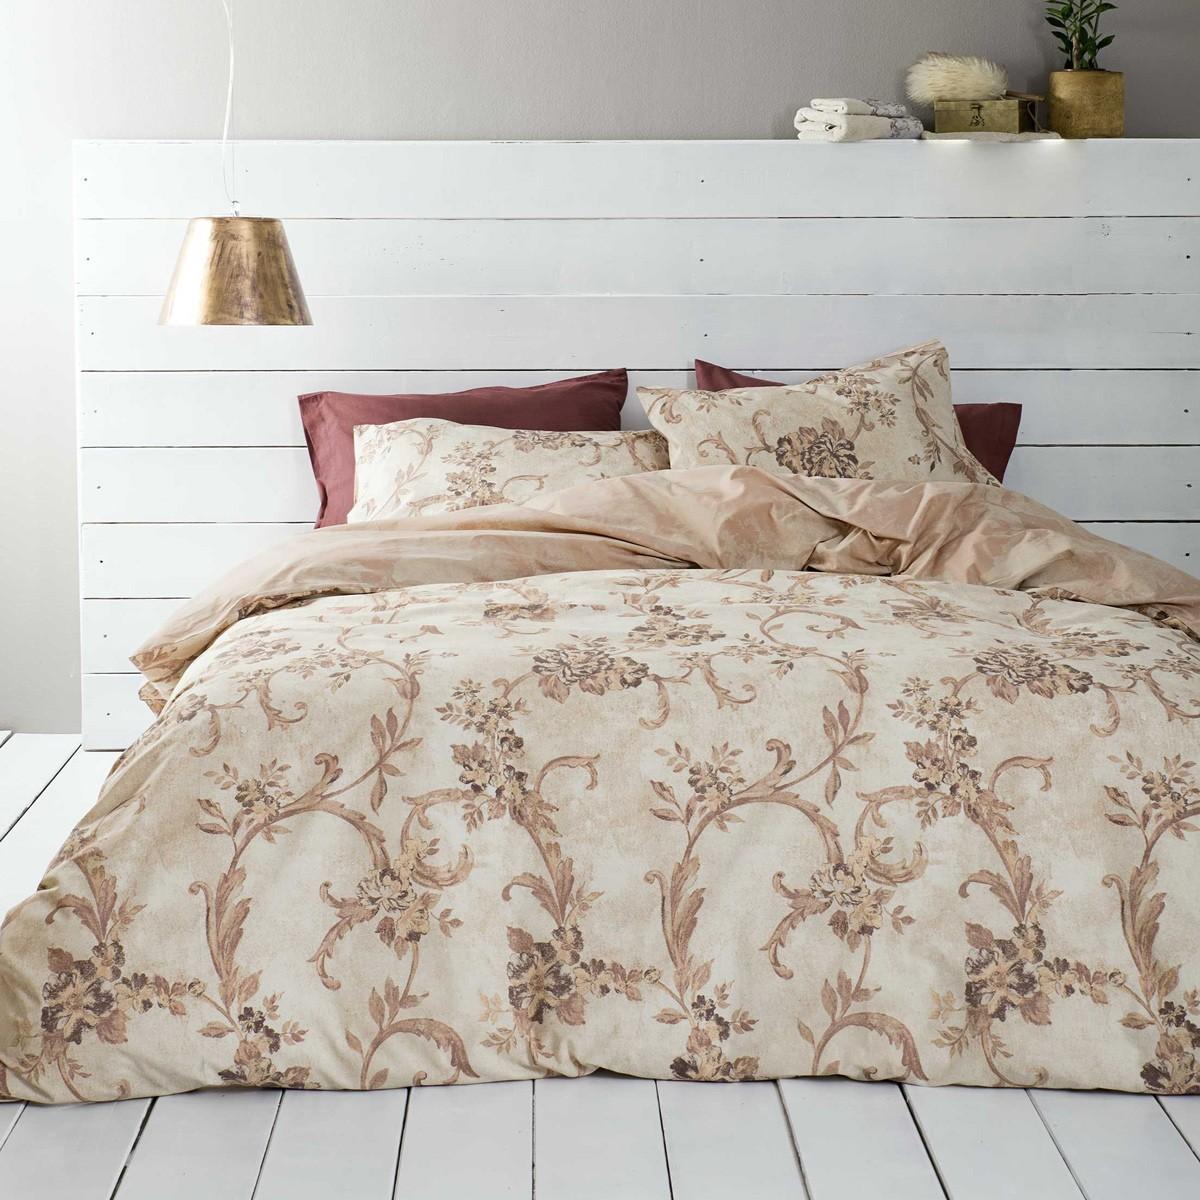 Σεντόνια Μονά (Σετ) Nima Bed Linen Segovia Beige